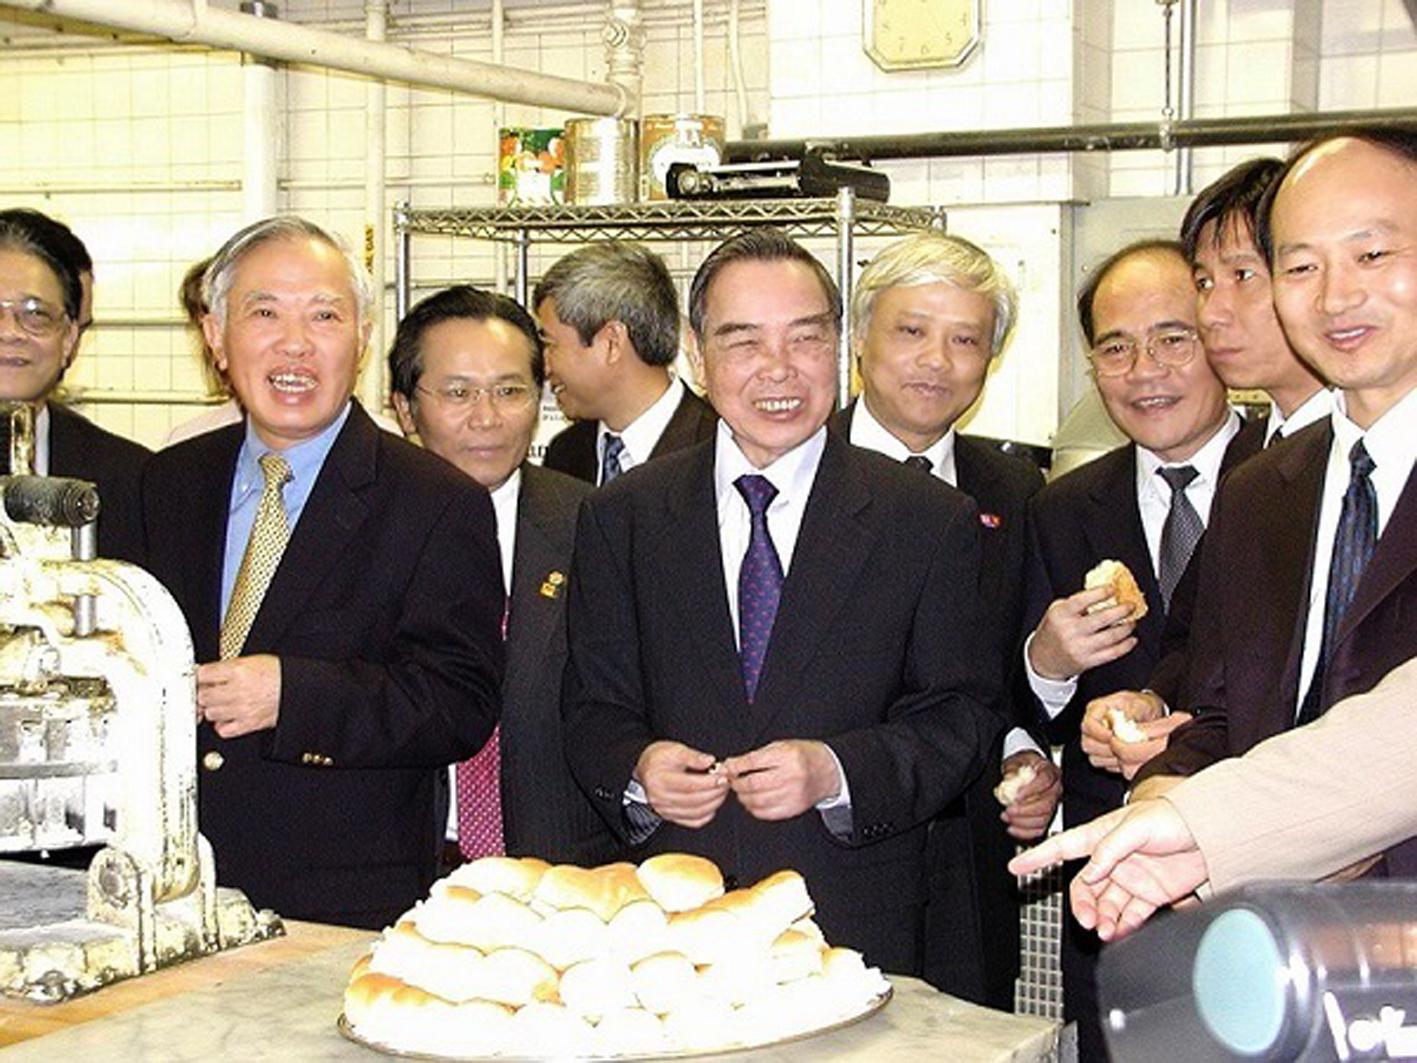 Năm 2005, Thủ tướng Phan Văn Khải đến thăm gian bếp của khách sạn  Omni Parker House, nơi Bác Hồ đã làm việc từ năm 1912-1913 - Ảnh: Phạm Thục